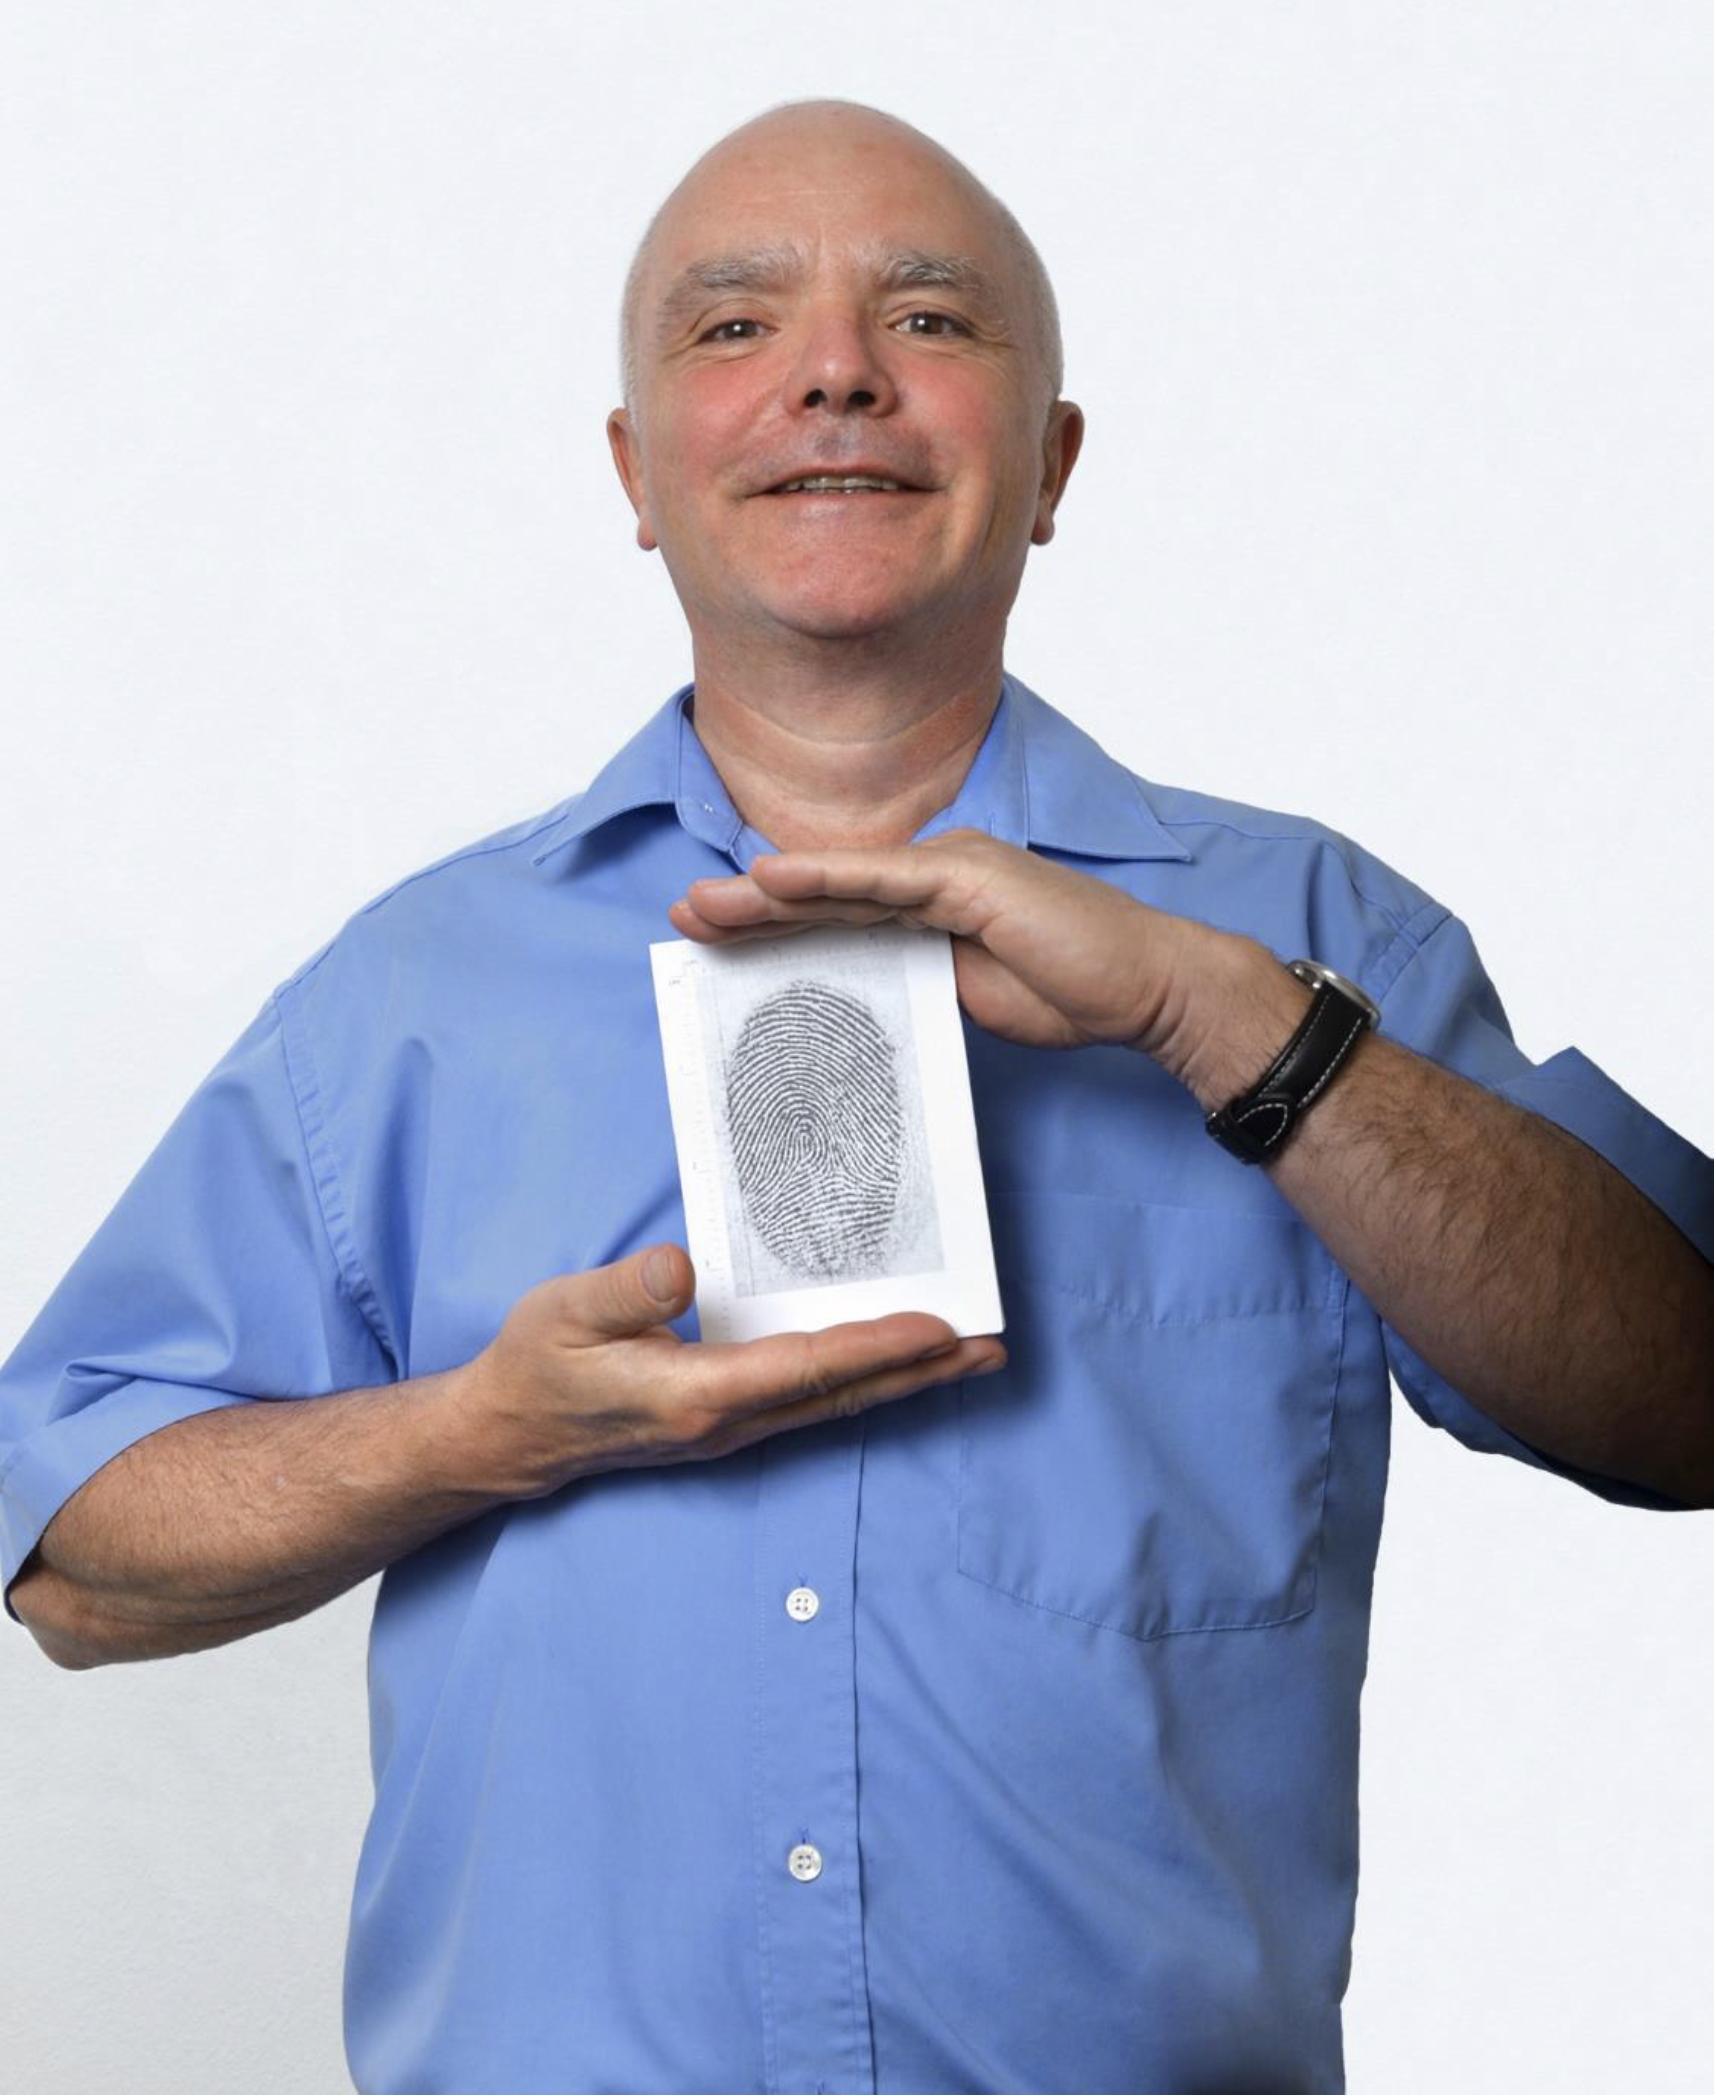 Mann mit blauem Hemd hält ein Foto eines Fingerabdrucks in den Händen